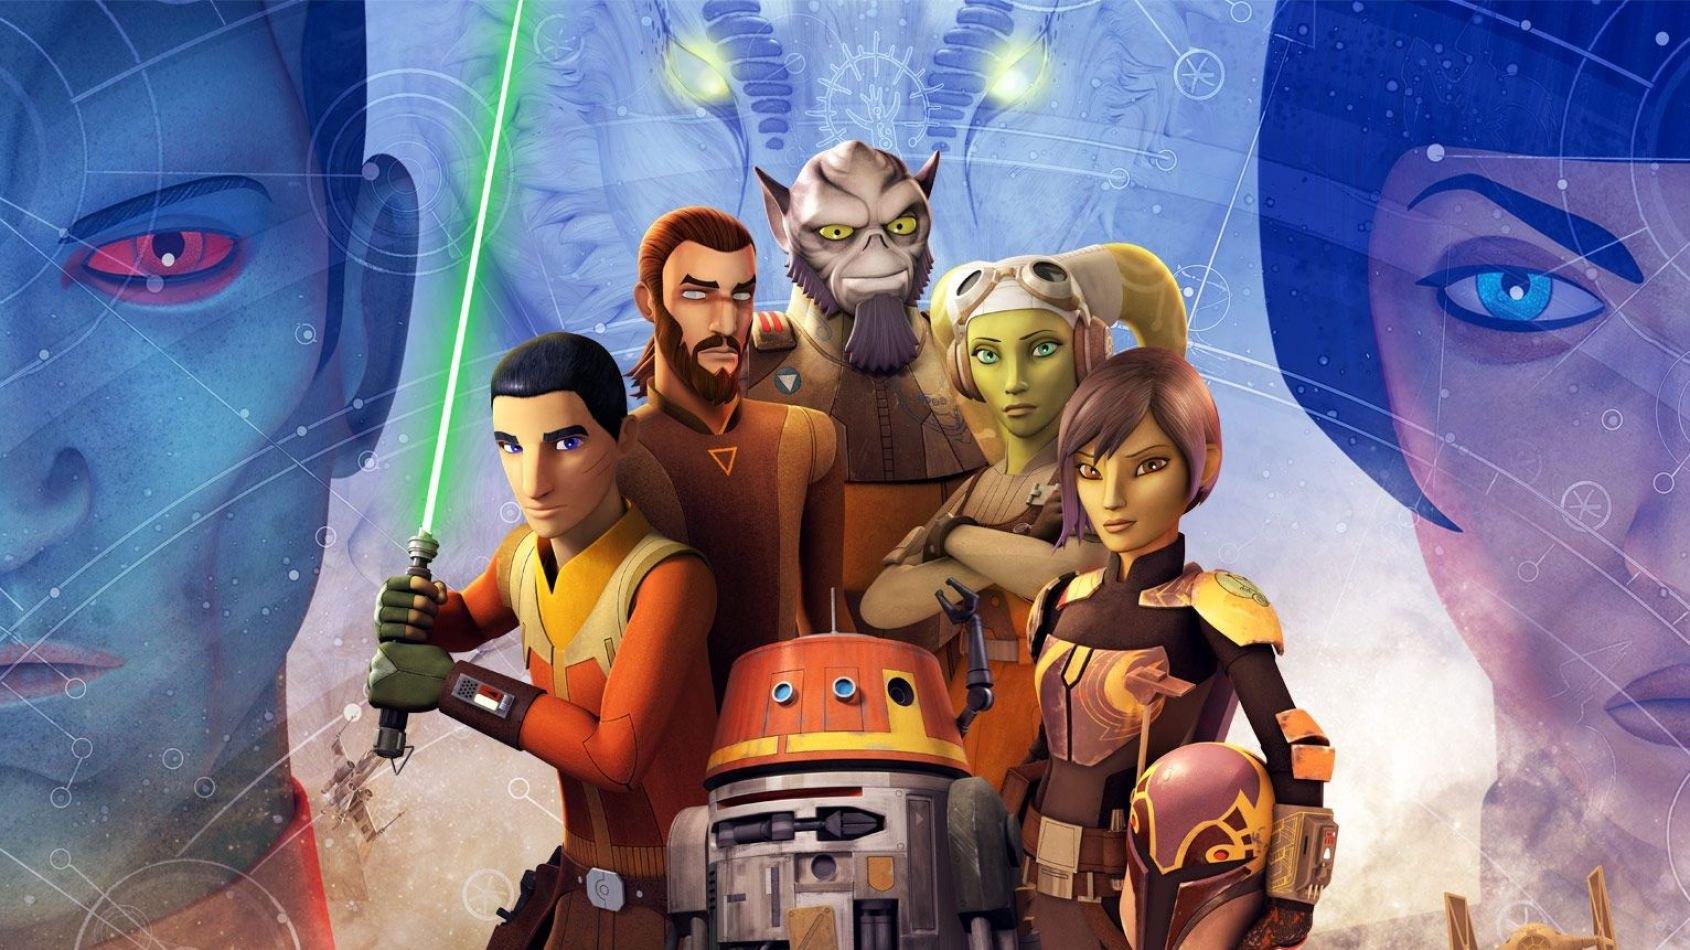 La liste des musiques de Star Wars Rebels révèle un gros spoiler